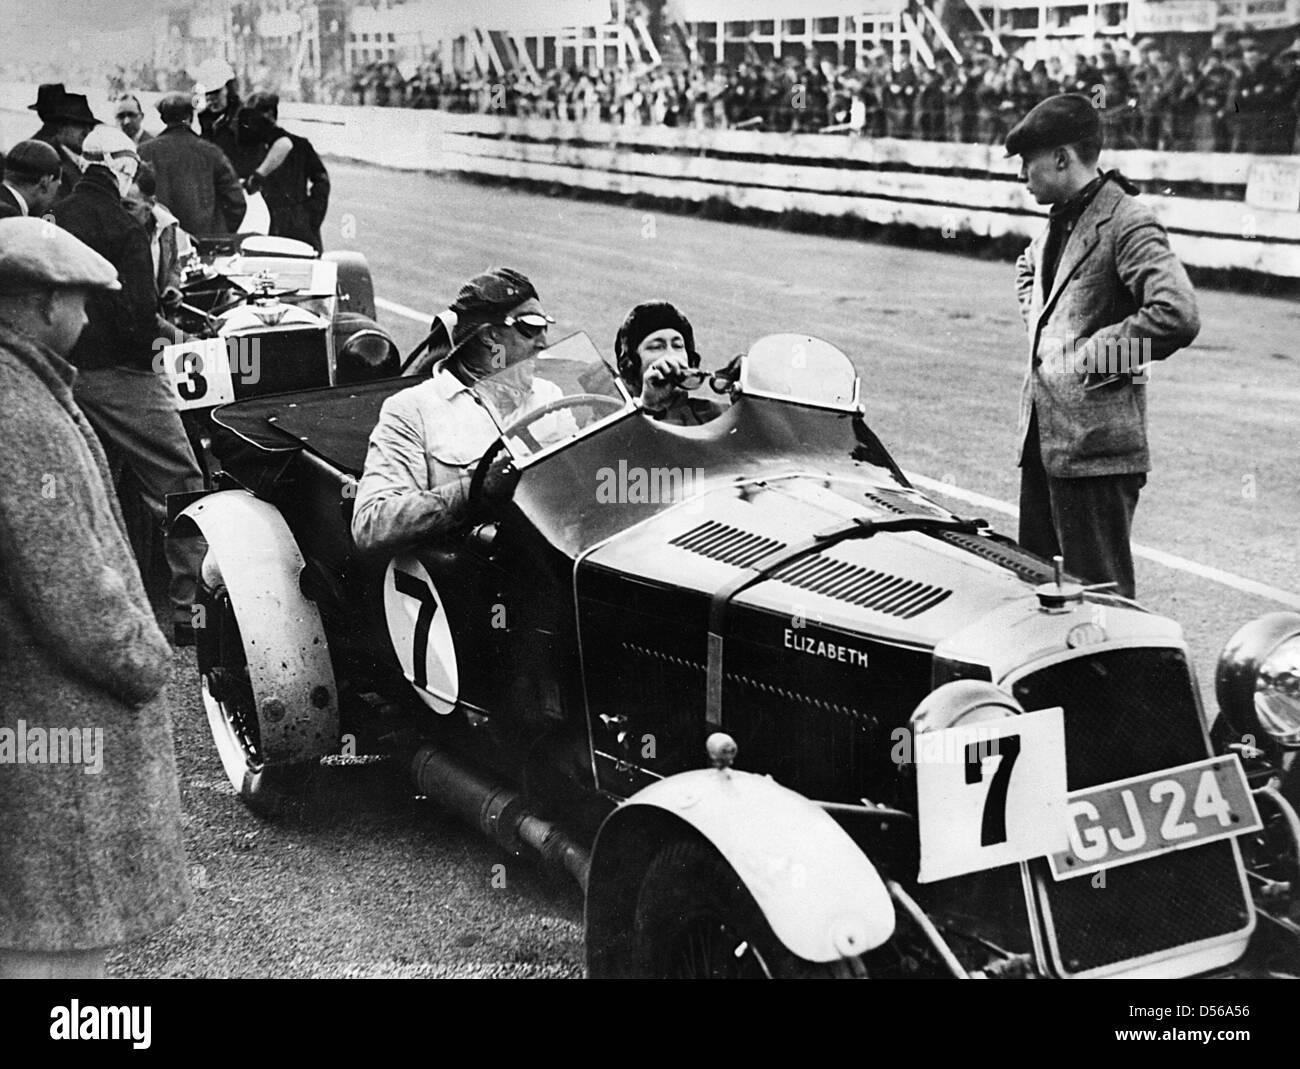 O.M. 1931 Irish GP, Oats. - Stock Image